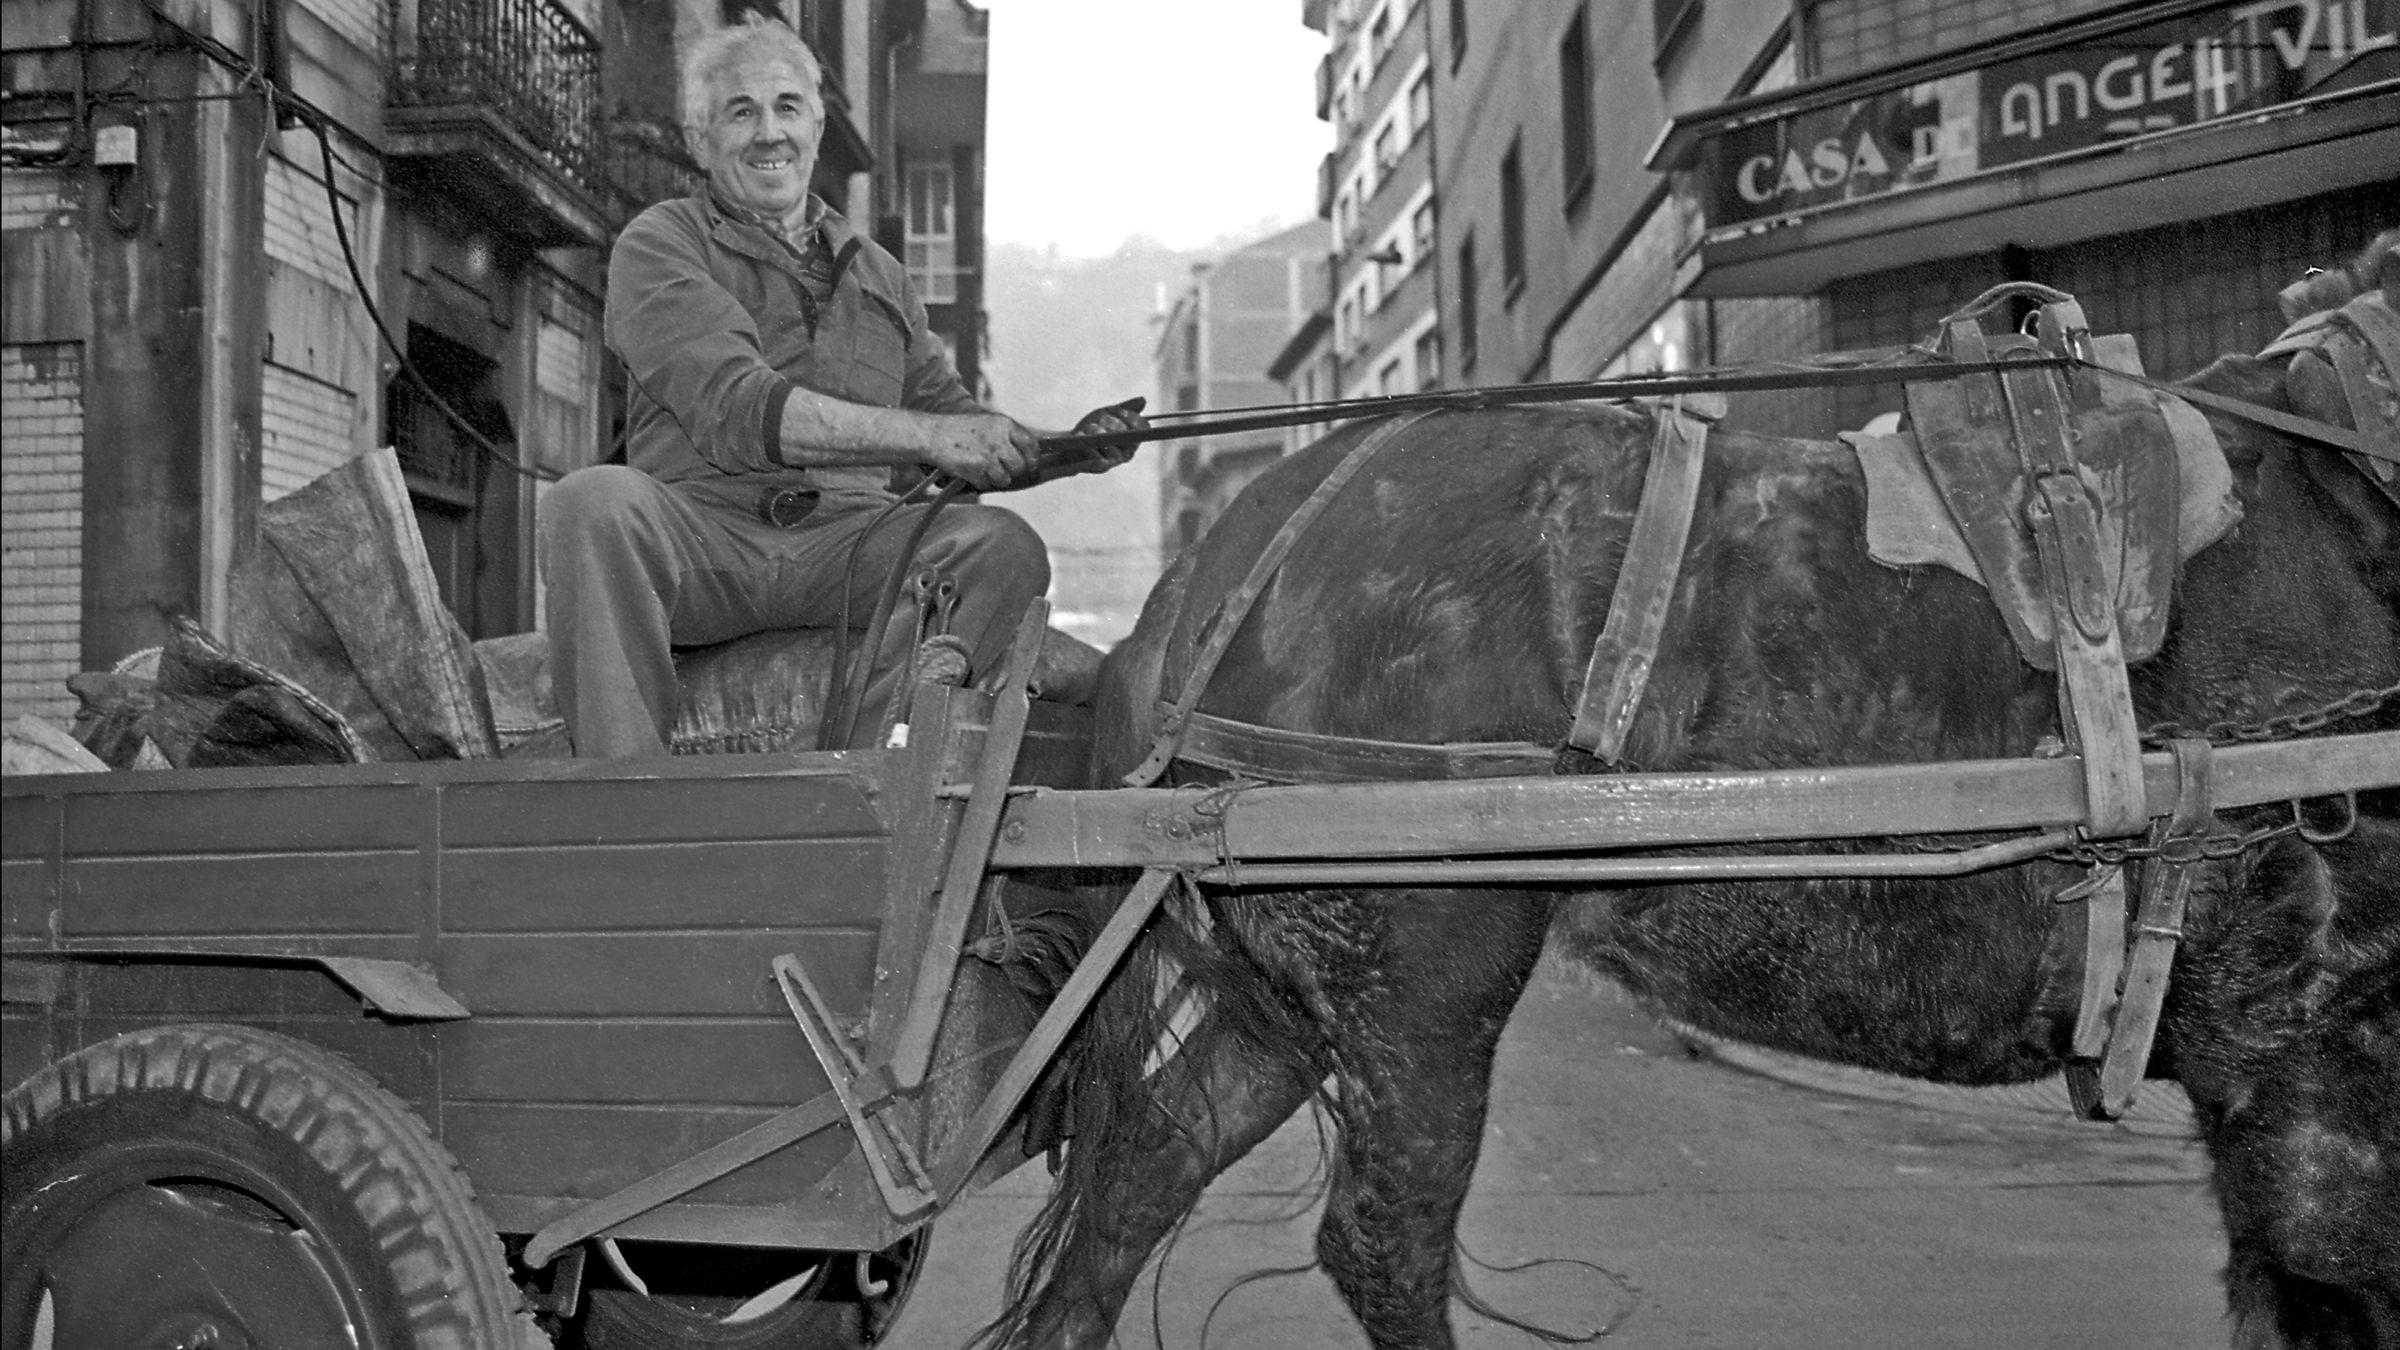 Venta ambulante de Carbon. Langreo. Asturias 1995